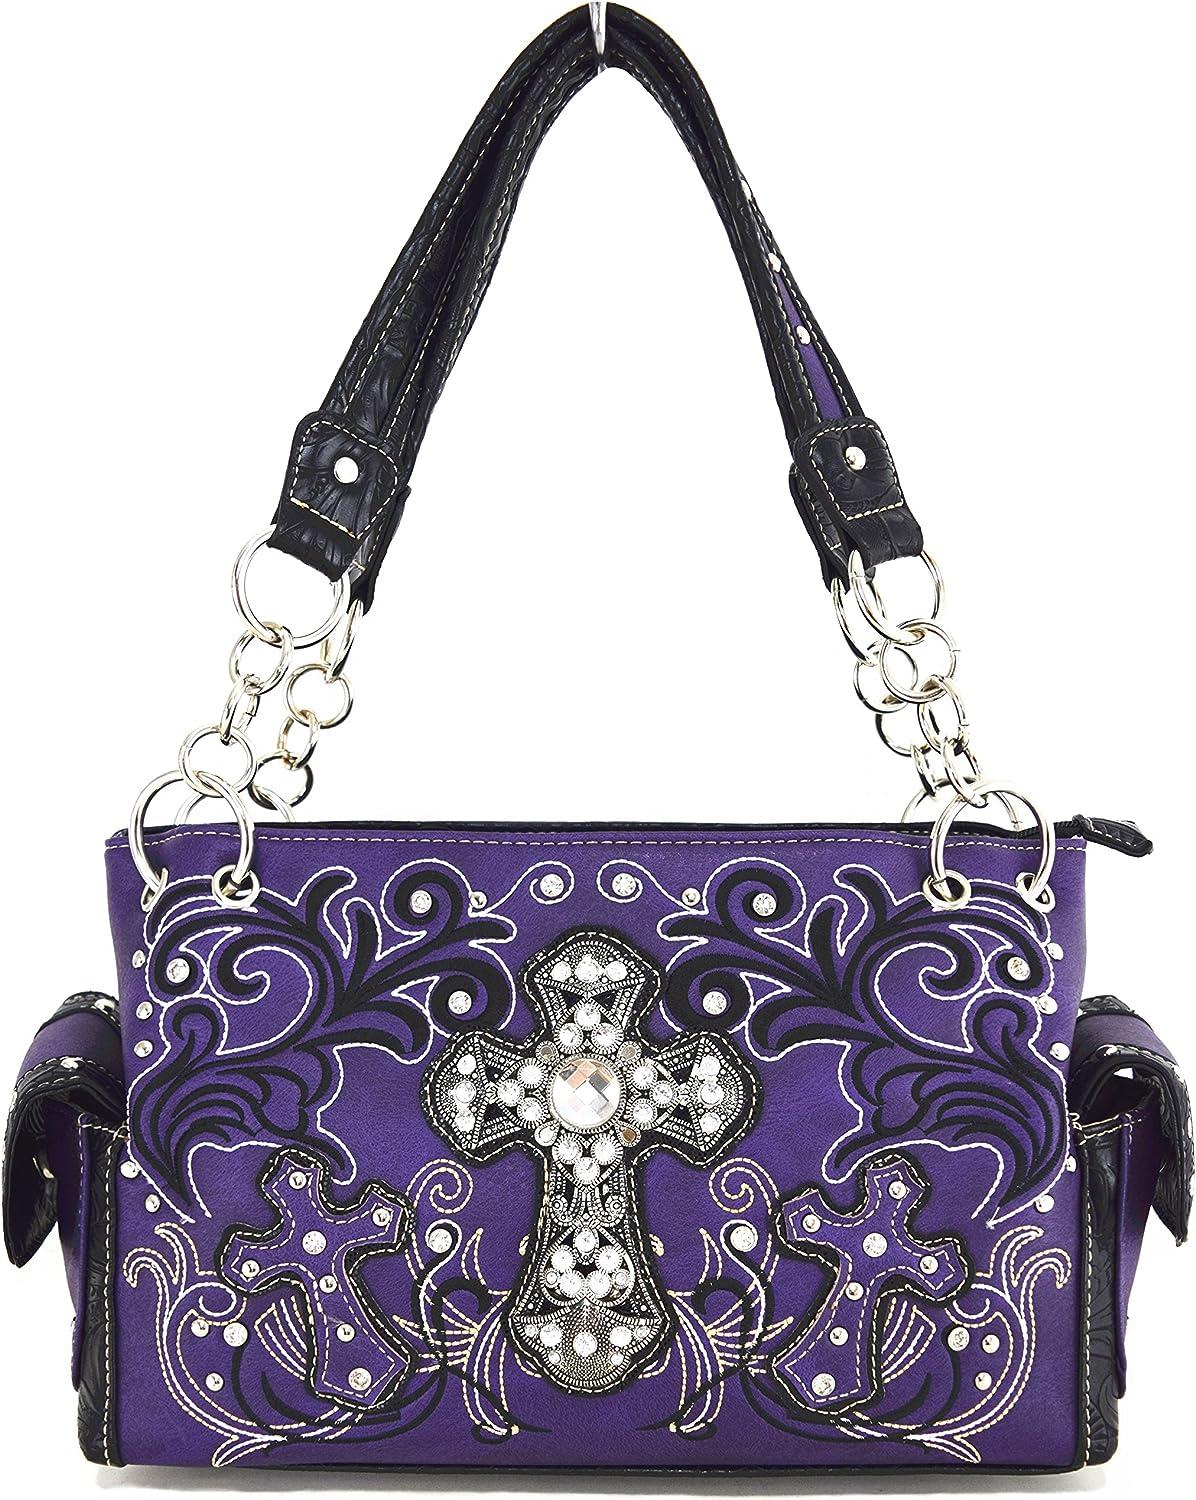 whiteho Bedding Womens [Cross Satchel] PU Leather Handbag Fashion Elegant Tote Bag PURPLE